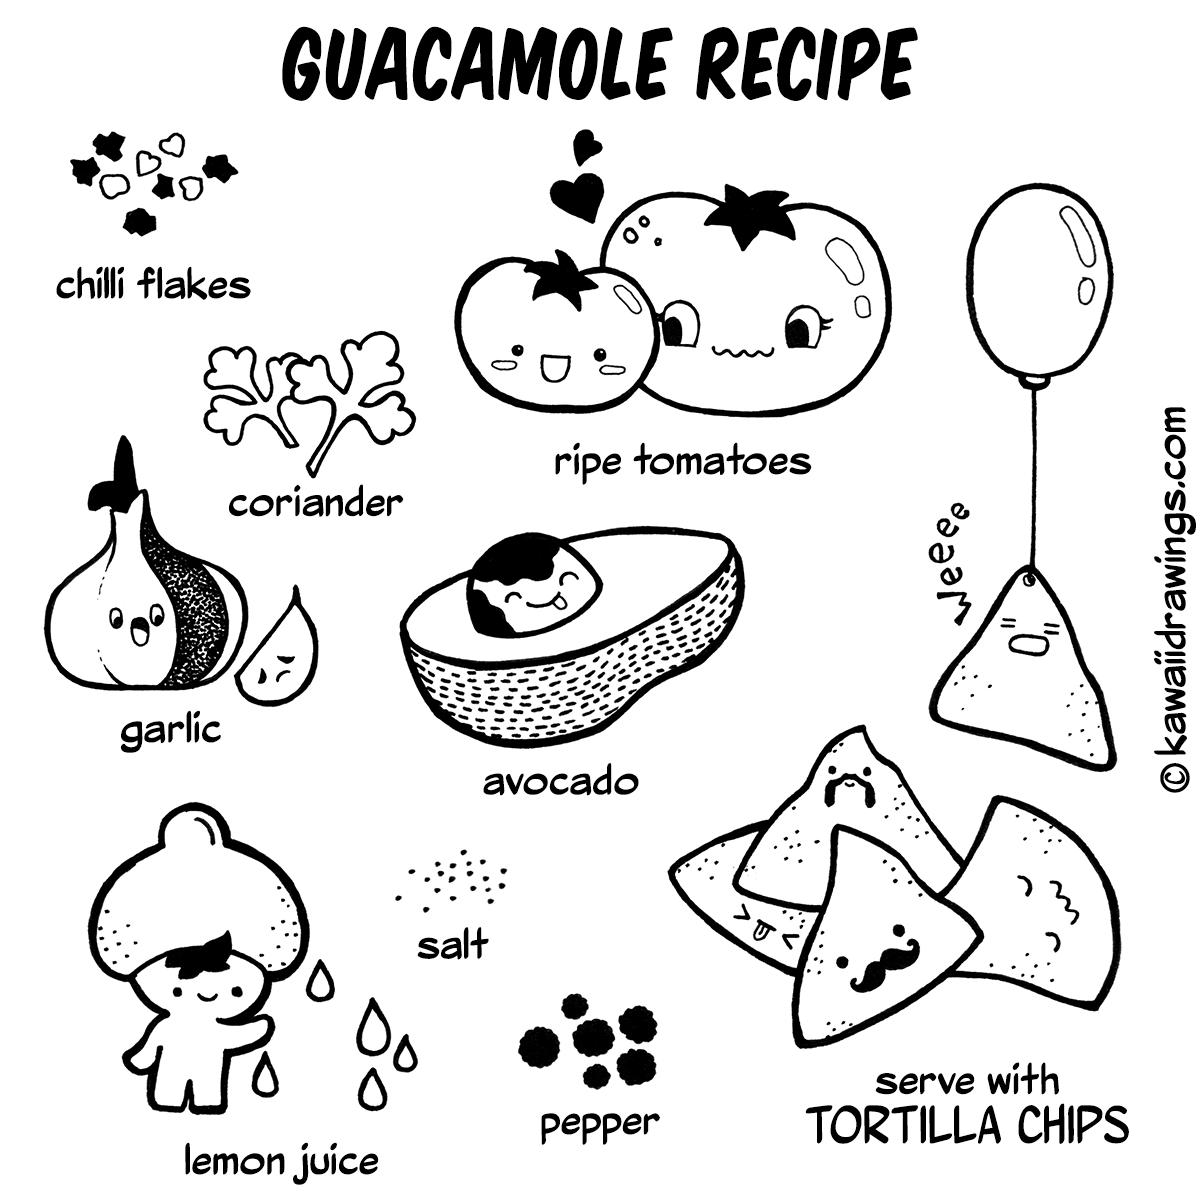 1200x1200 Kawaii Guacamole Recipe